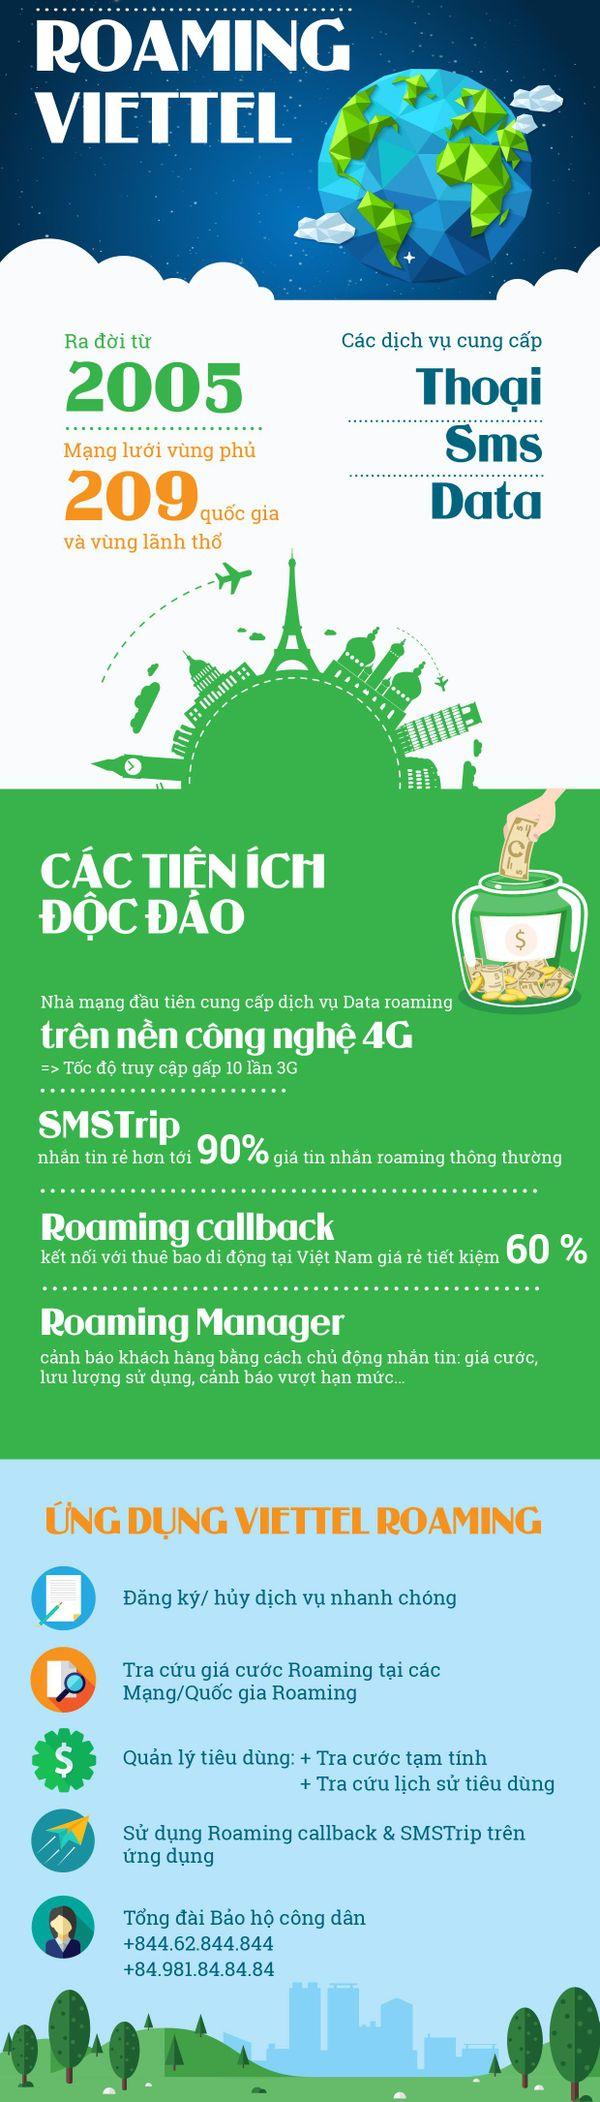 Viettel cho phép roaming 4G